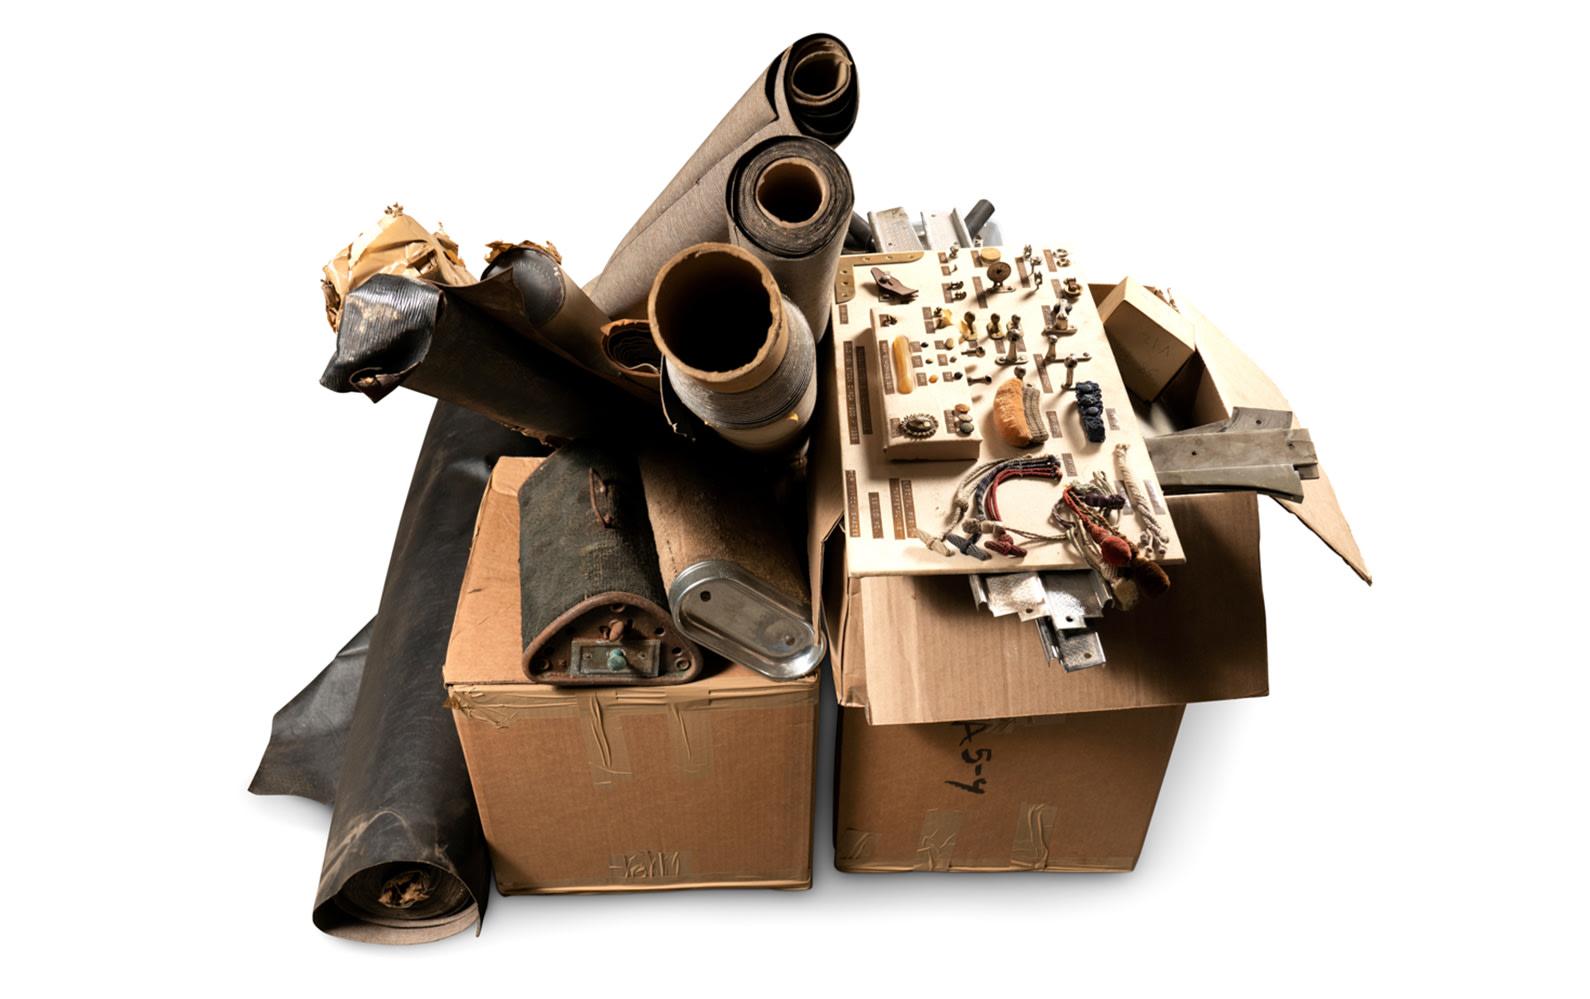 Prod/O21E - Phil Hill C 2021/C0148_Interior Components and Raw Materials/C0148_Interior_Components_6_kwa2hg